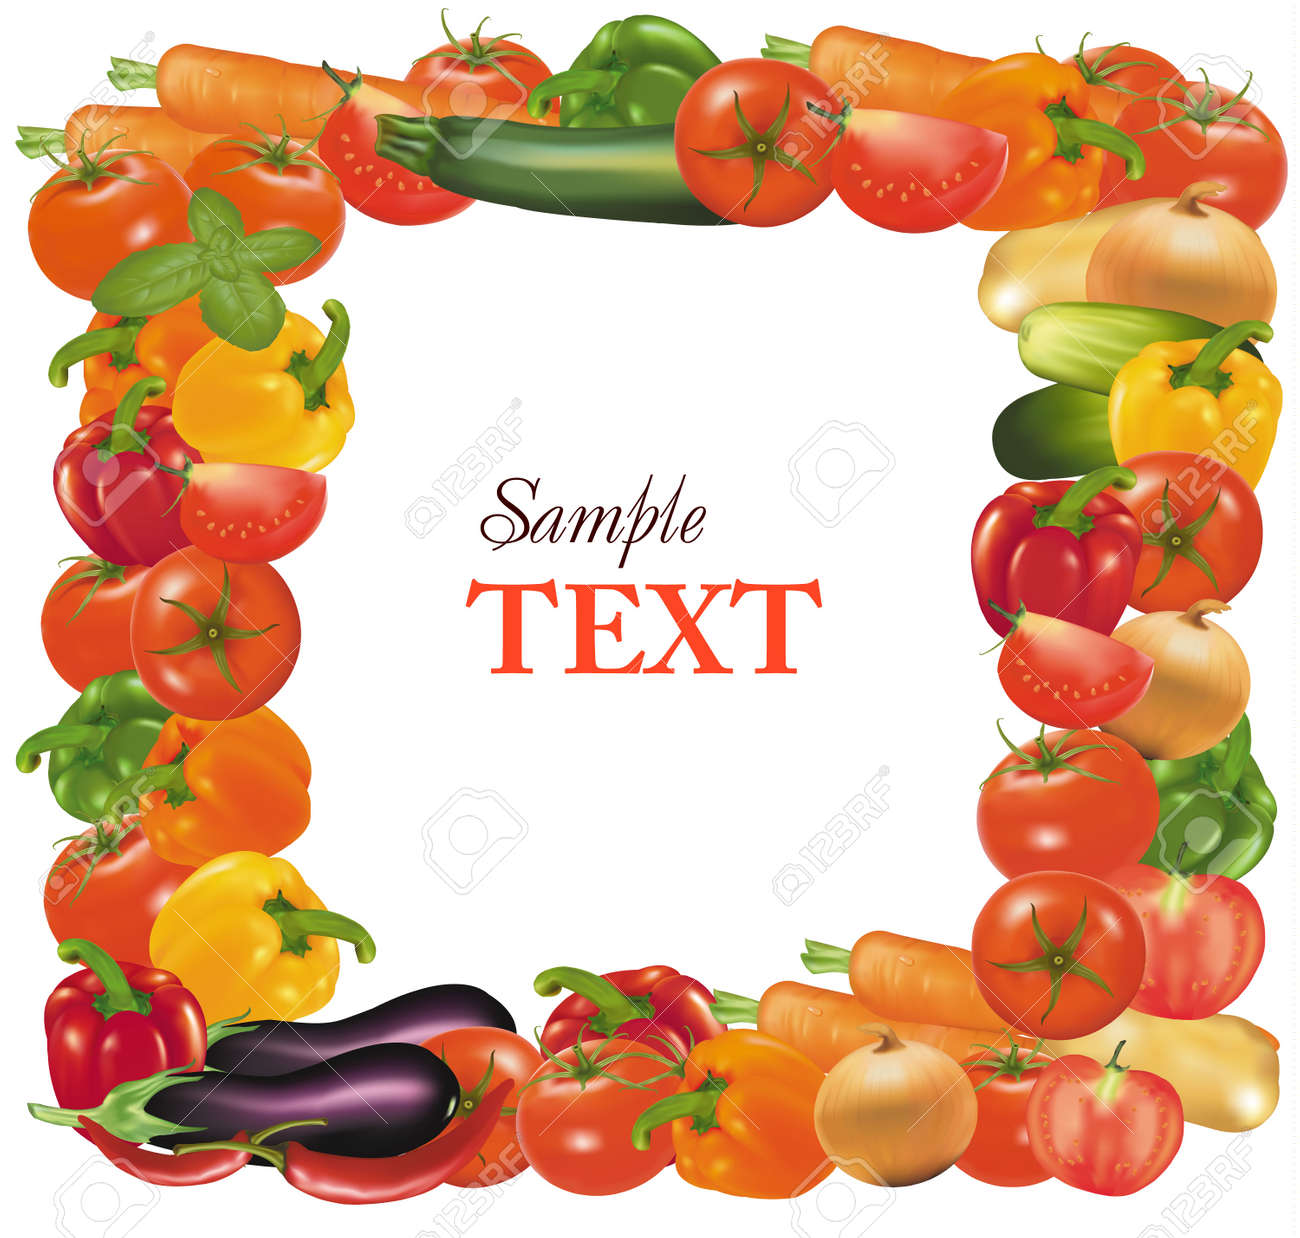 Vegetable garden border clipart vegetable garden border - Vegetable Garden Border Clip Art